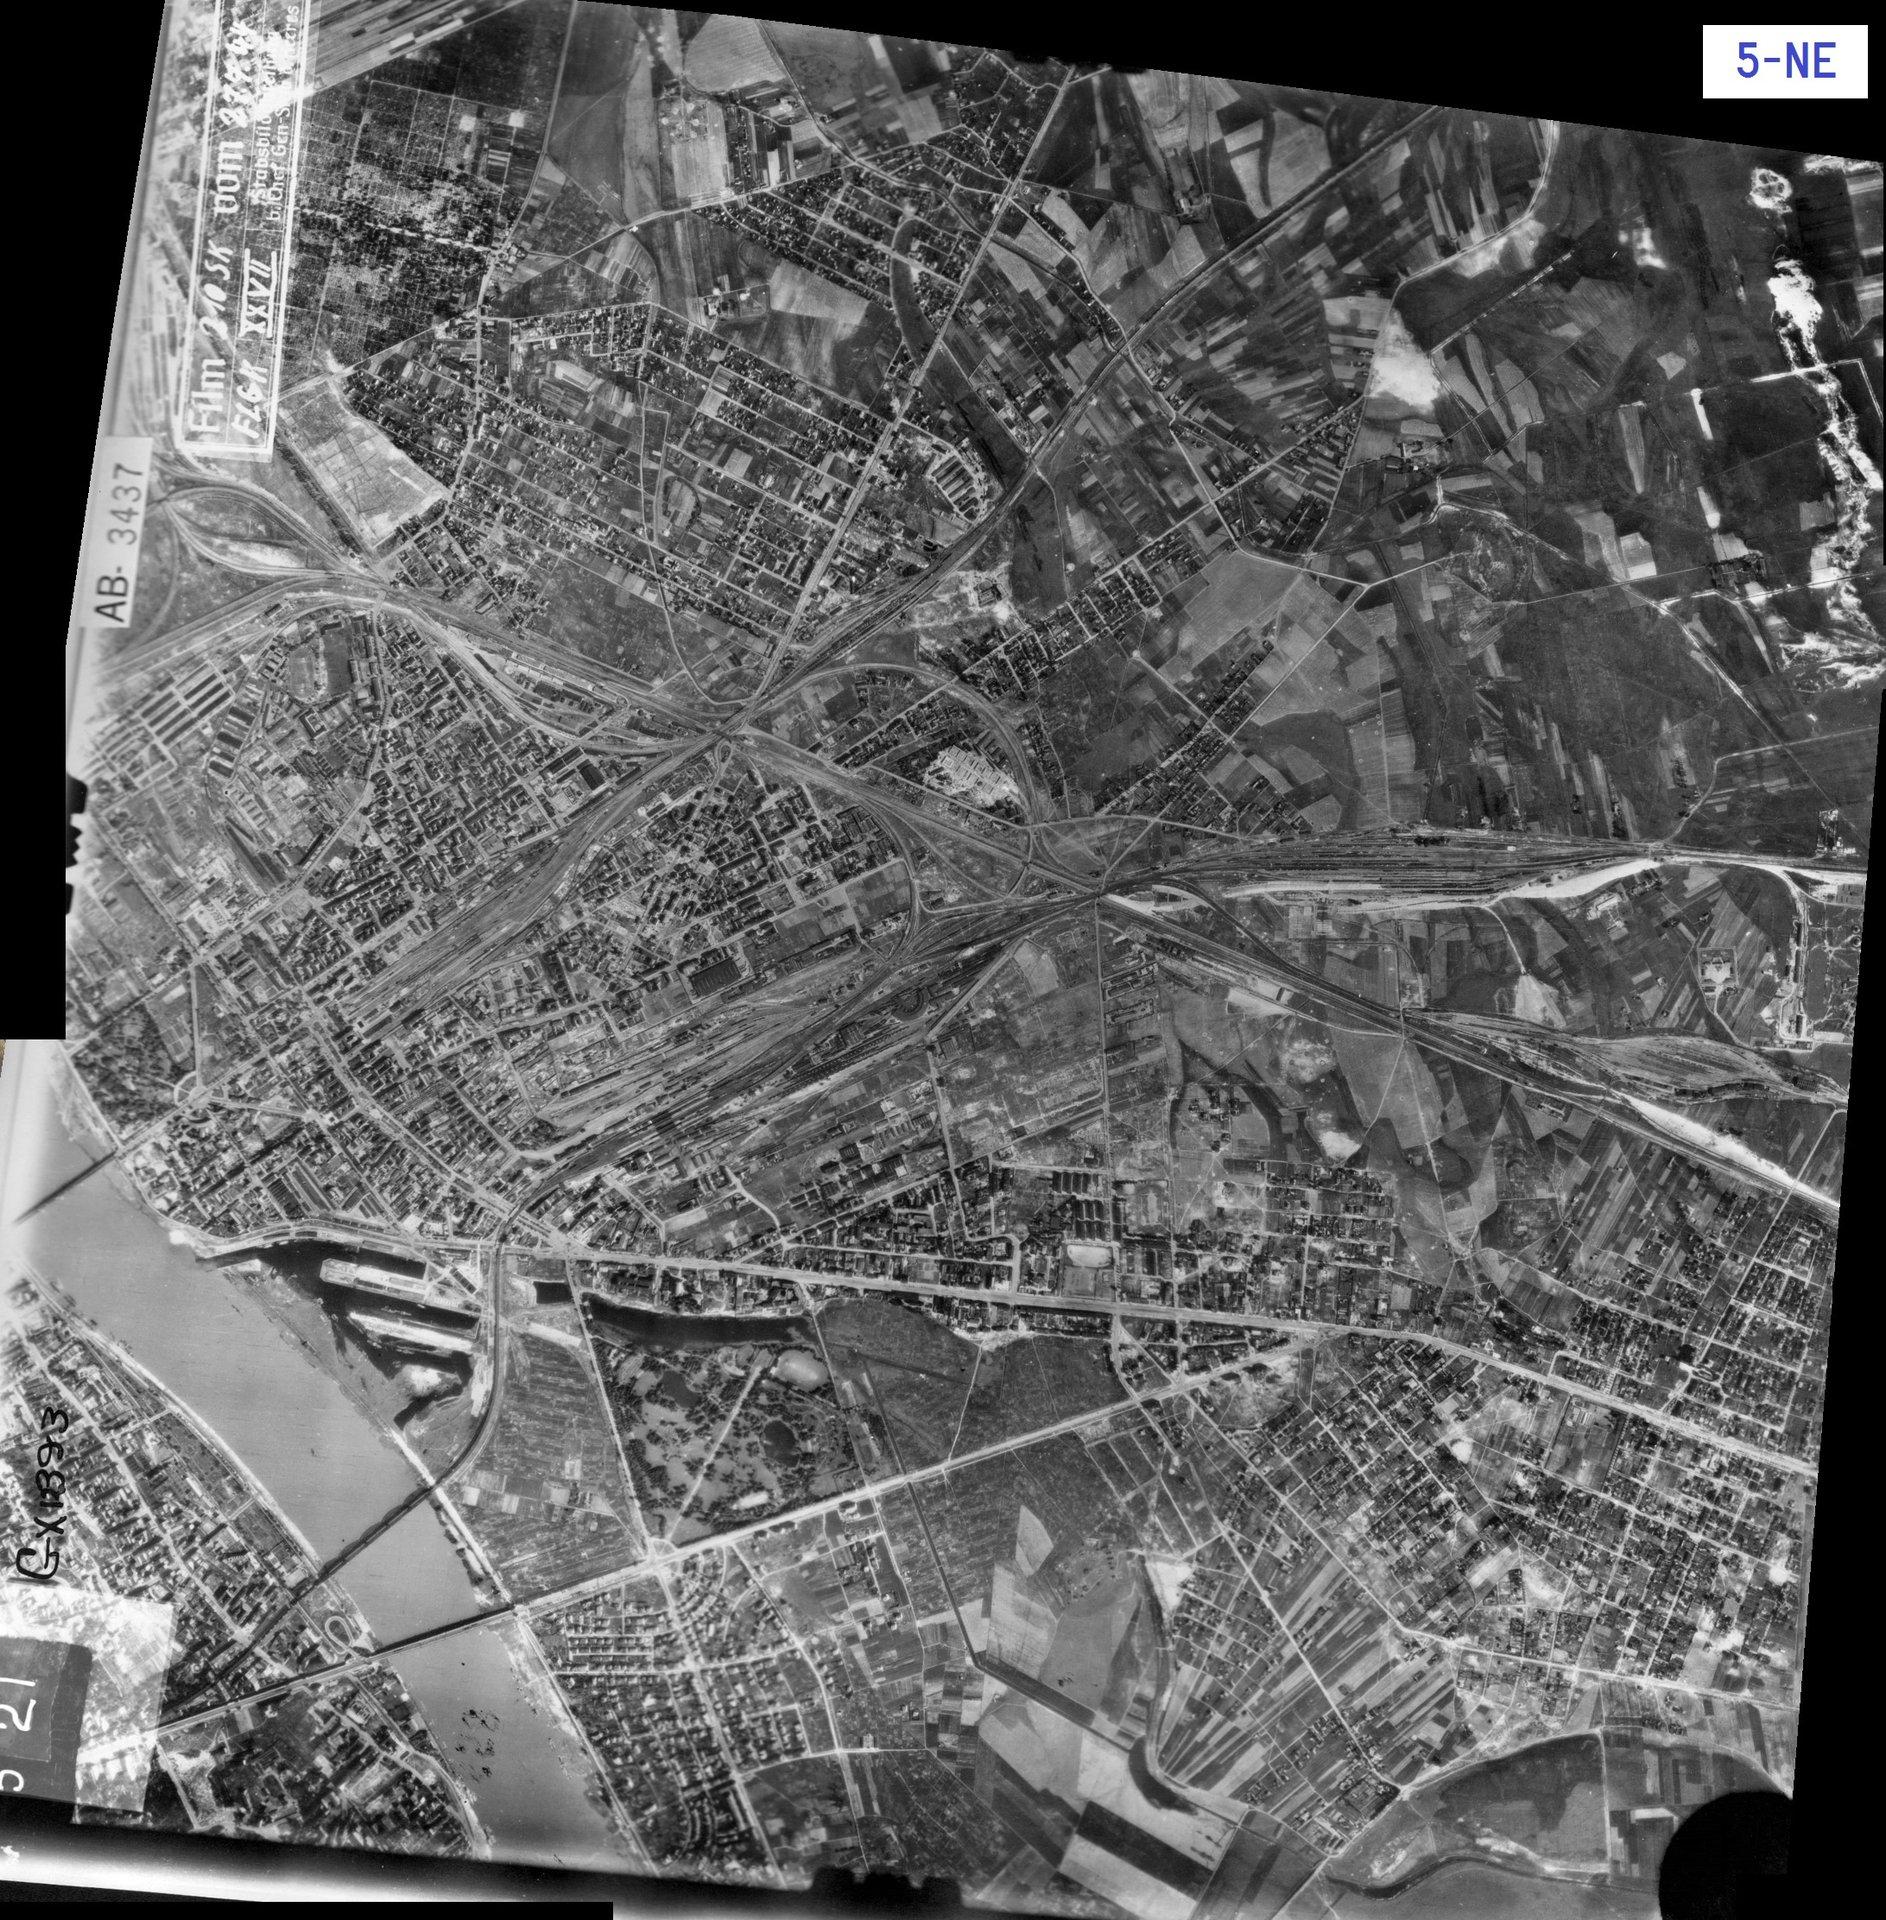 Zdjęcie lotnicze Luftwaffe - Warszawa 27.07.1944 (5-NE).jpg